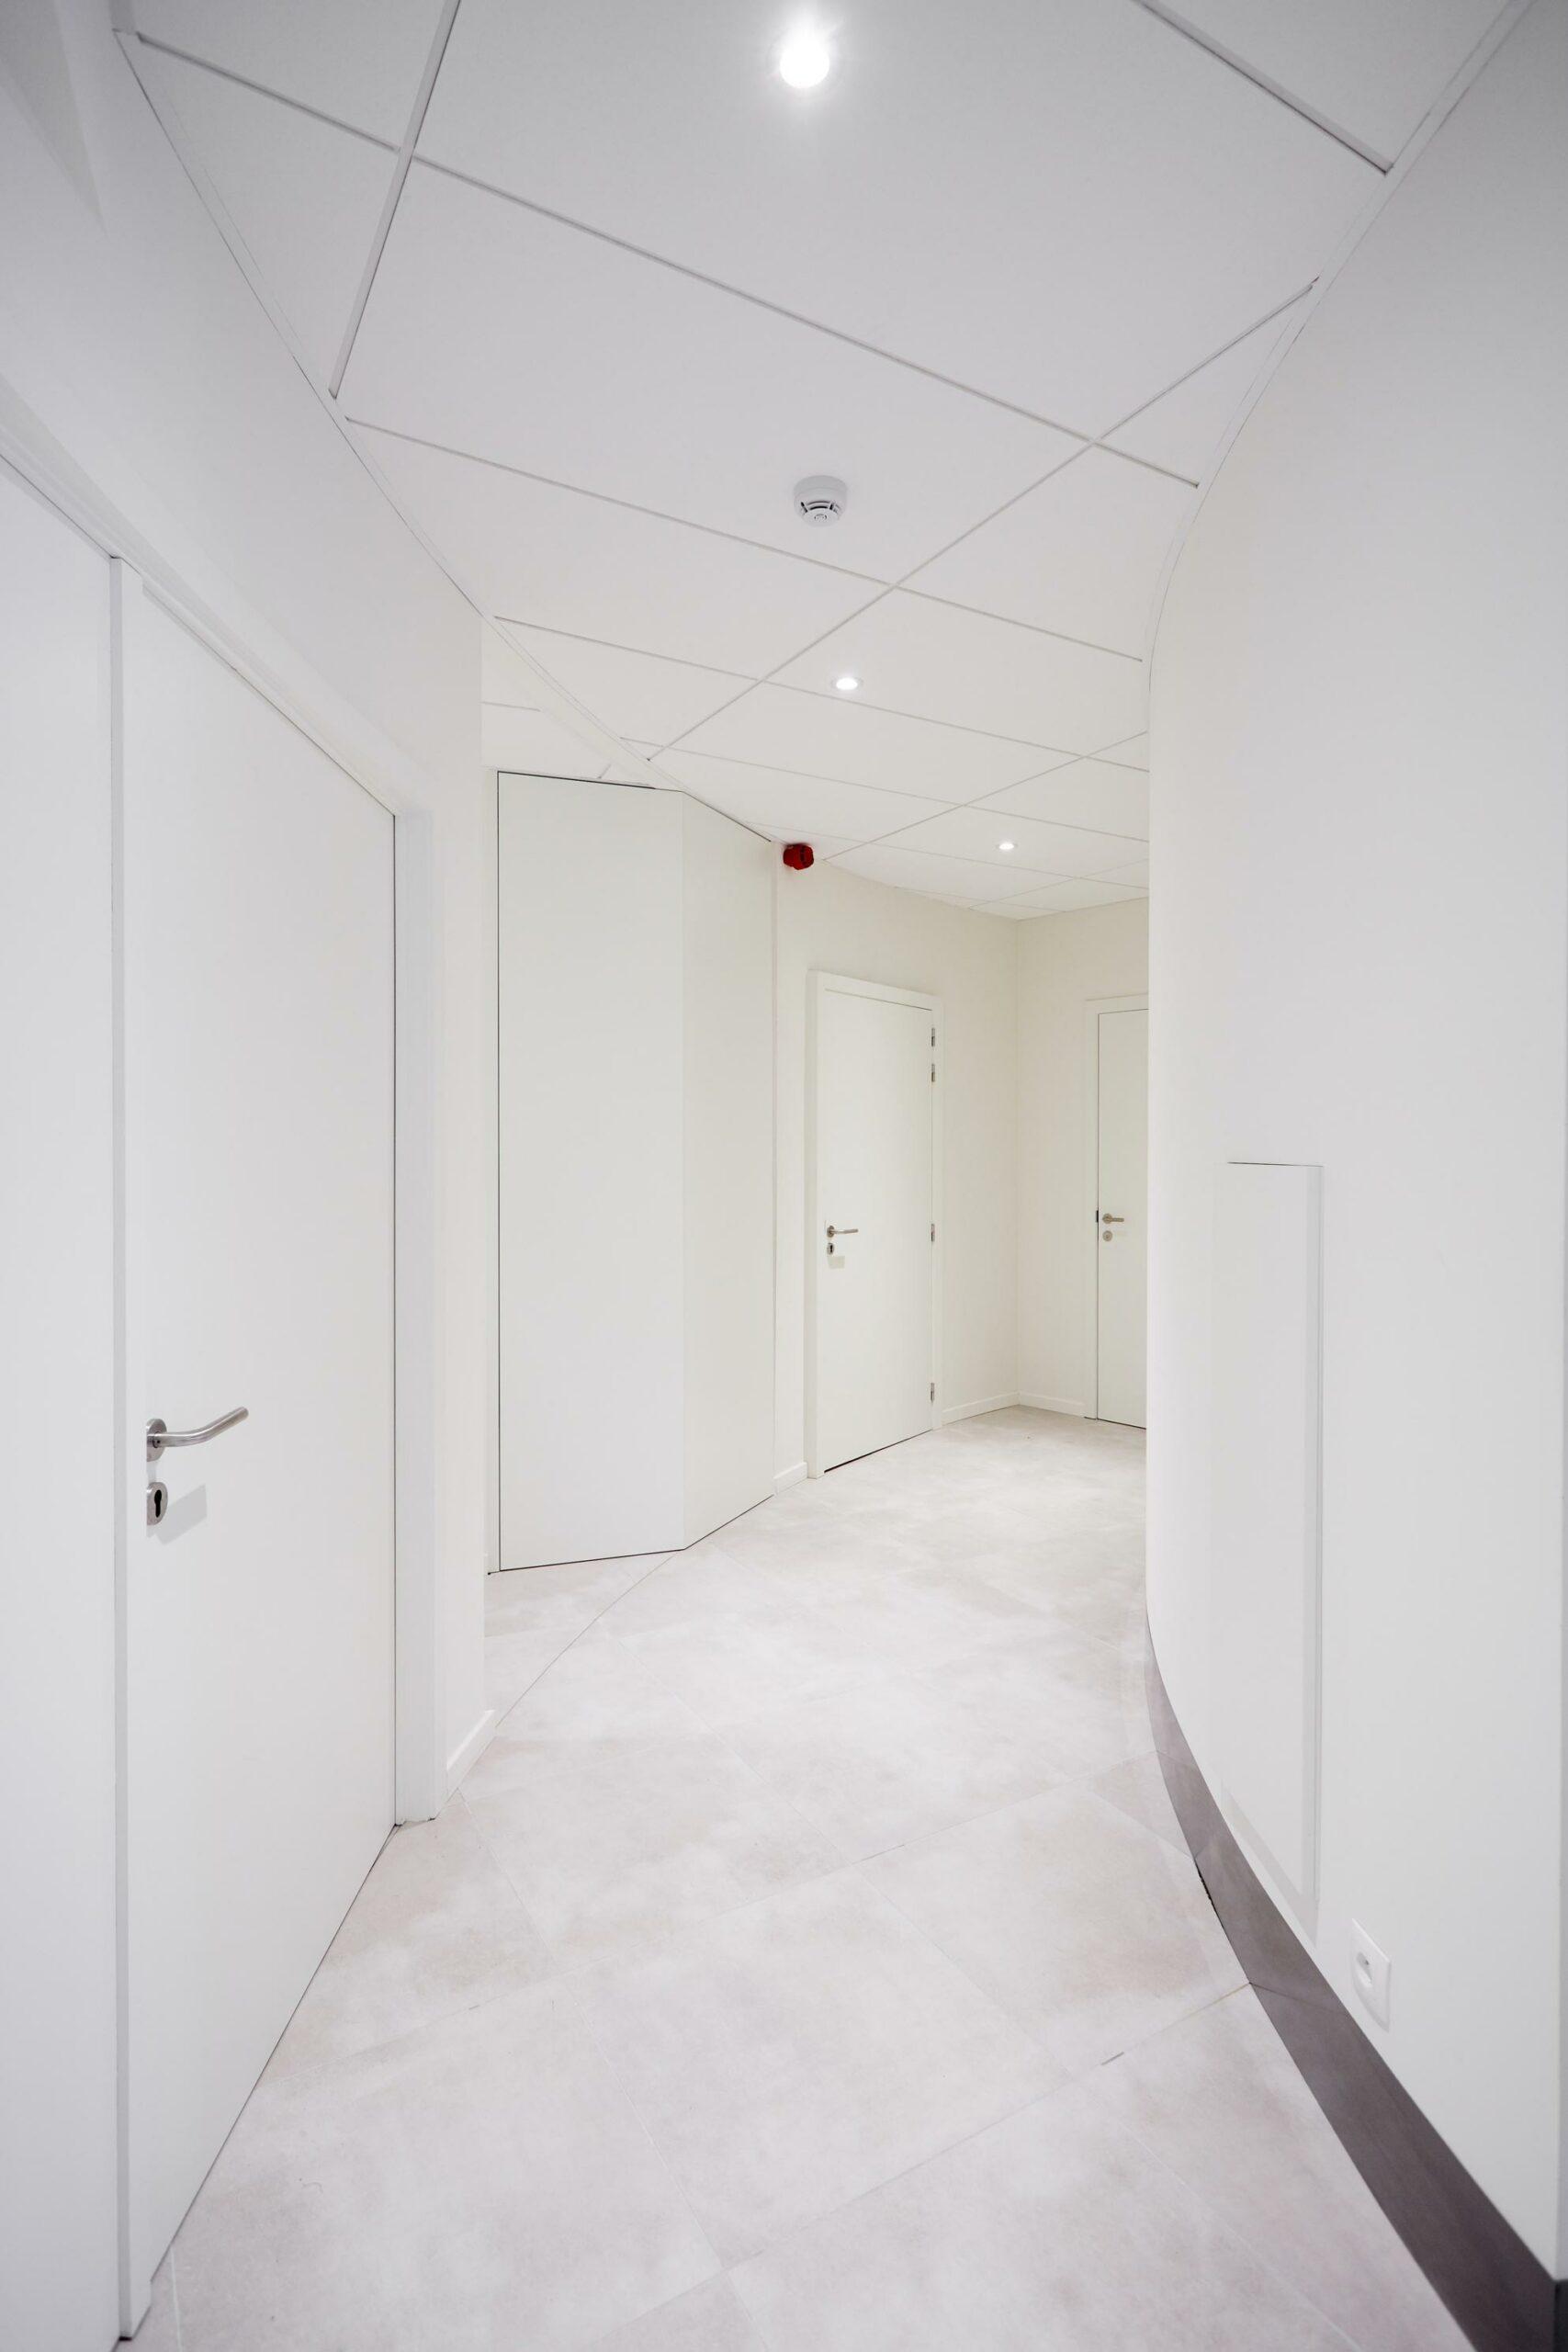 Schilderwerk gebouw met witte muren en duren